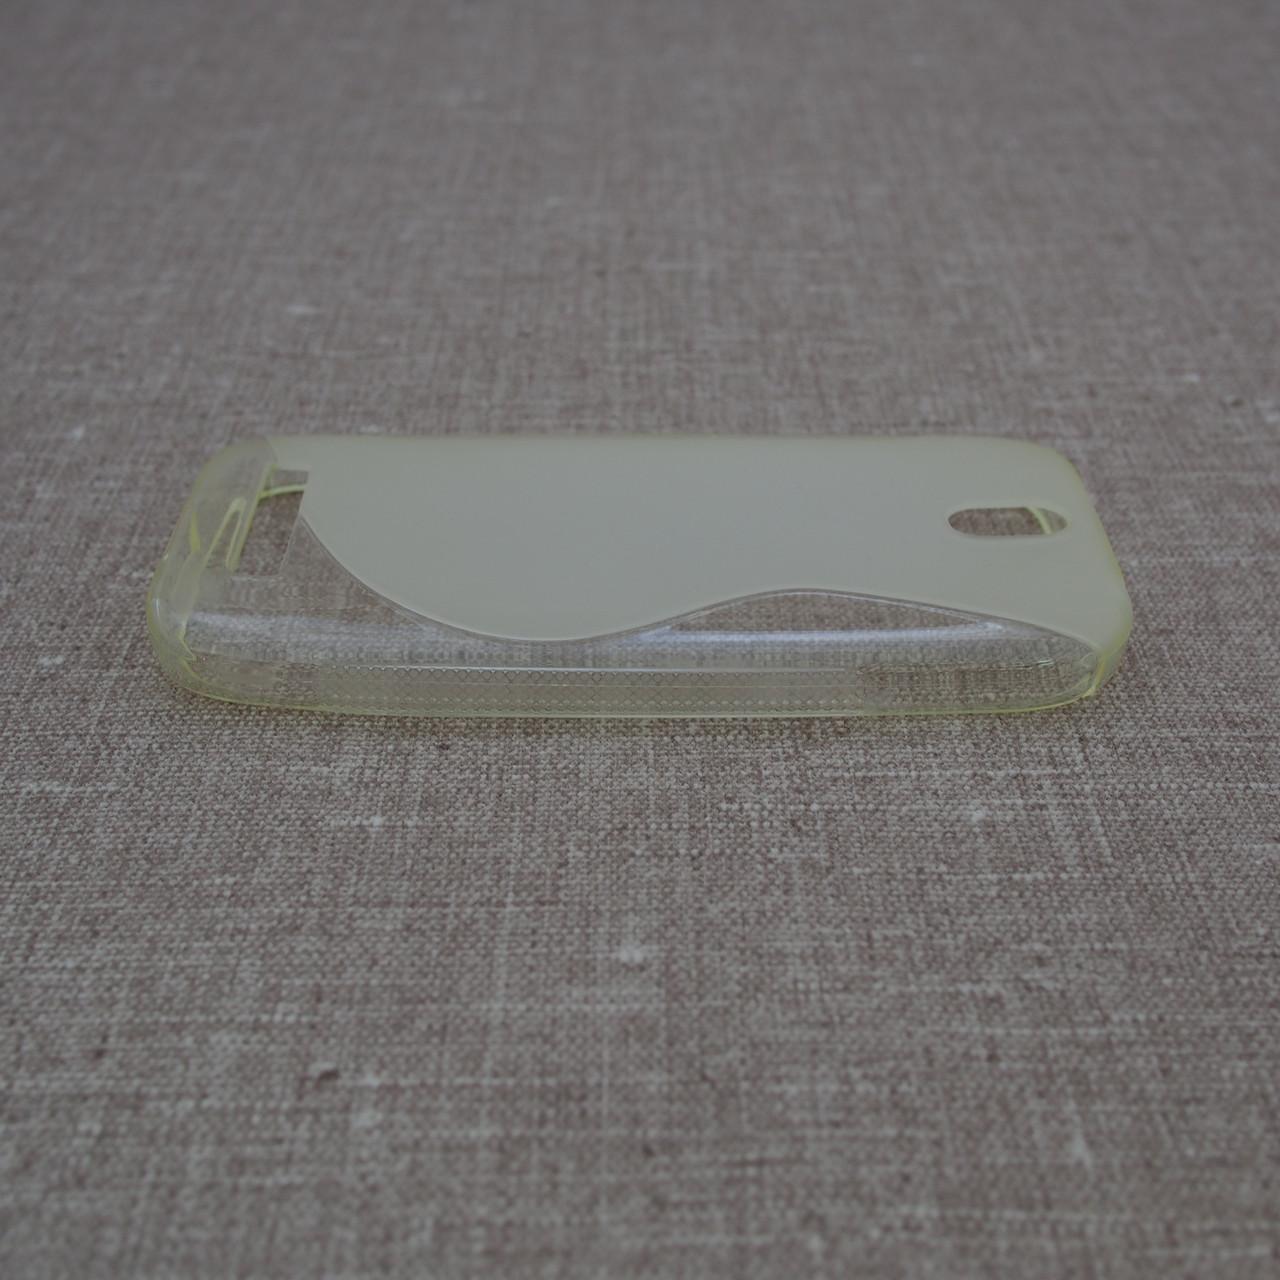 Чехлы для других смартфонов TPU Duotone HTC One SV soft-clear Для телефона